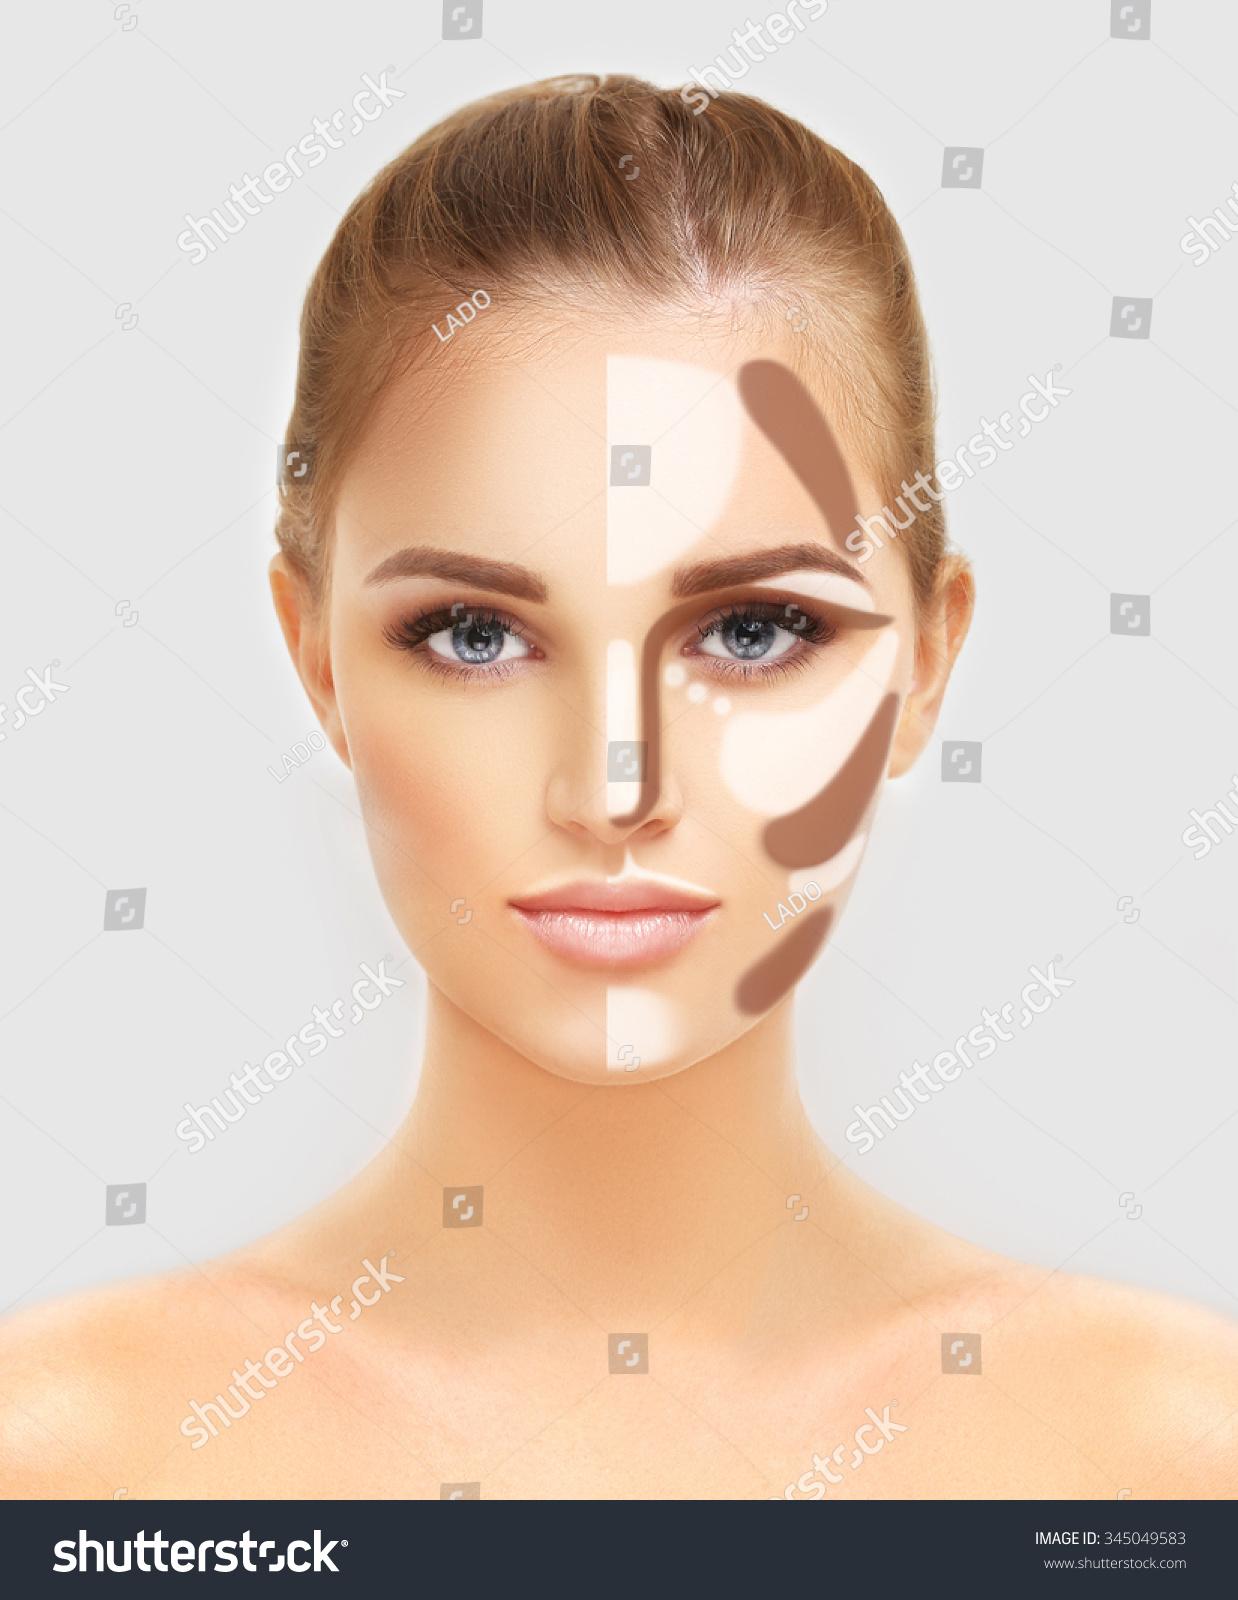 Contouringmake Woman Face Contour Highlight Makeup Stock